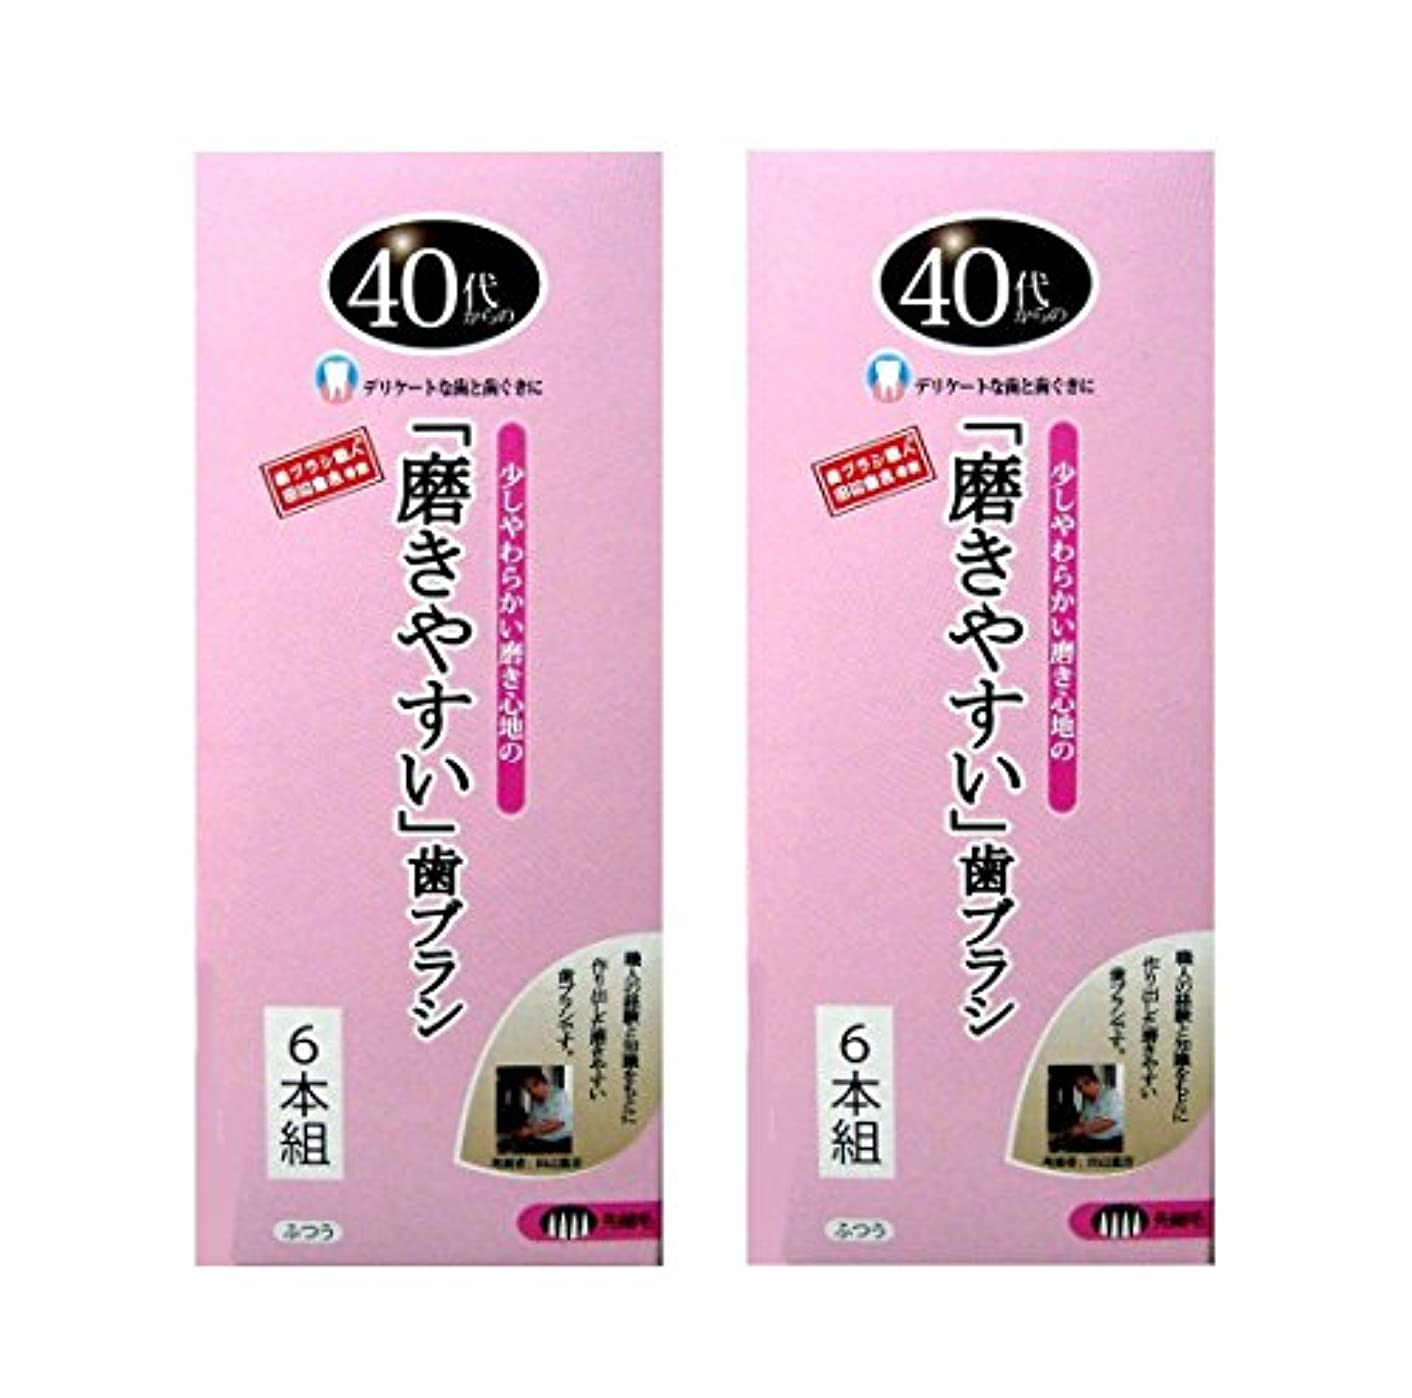 歯ブラシ職人 田辺重吉考案 40代からの磨きやすい歯ブラシ 先細 6本組×2個セット